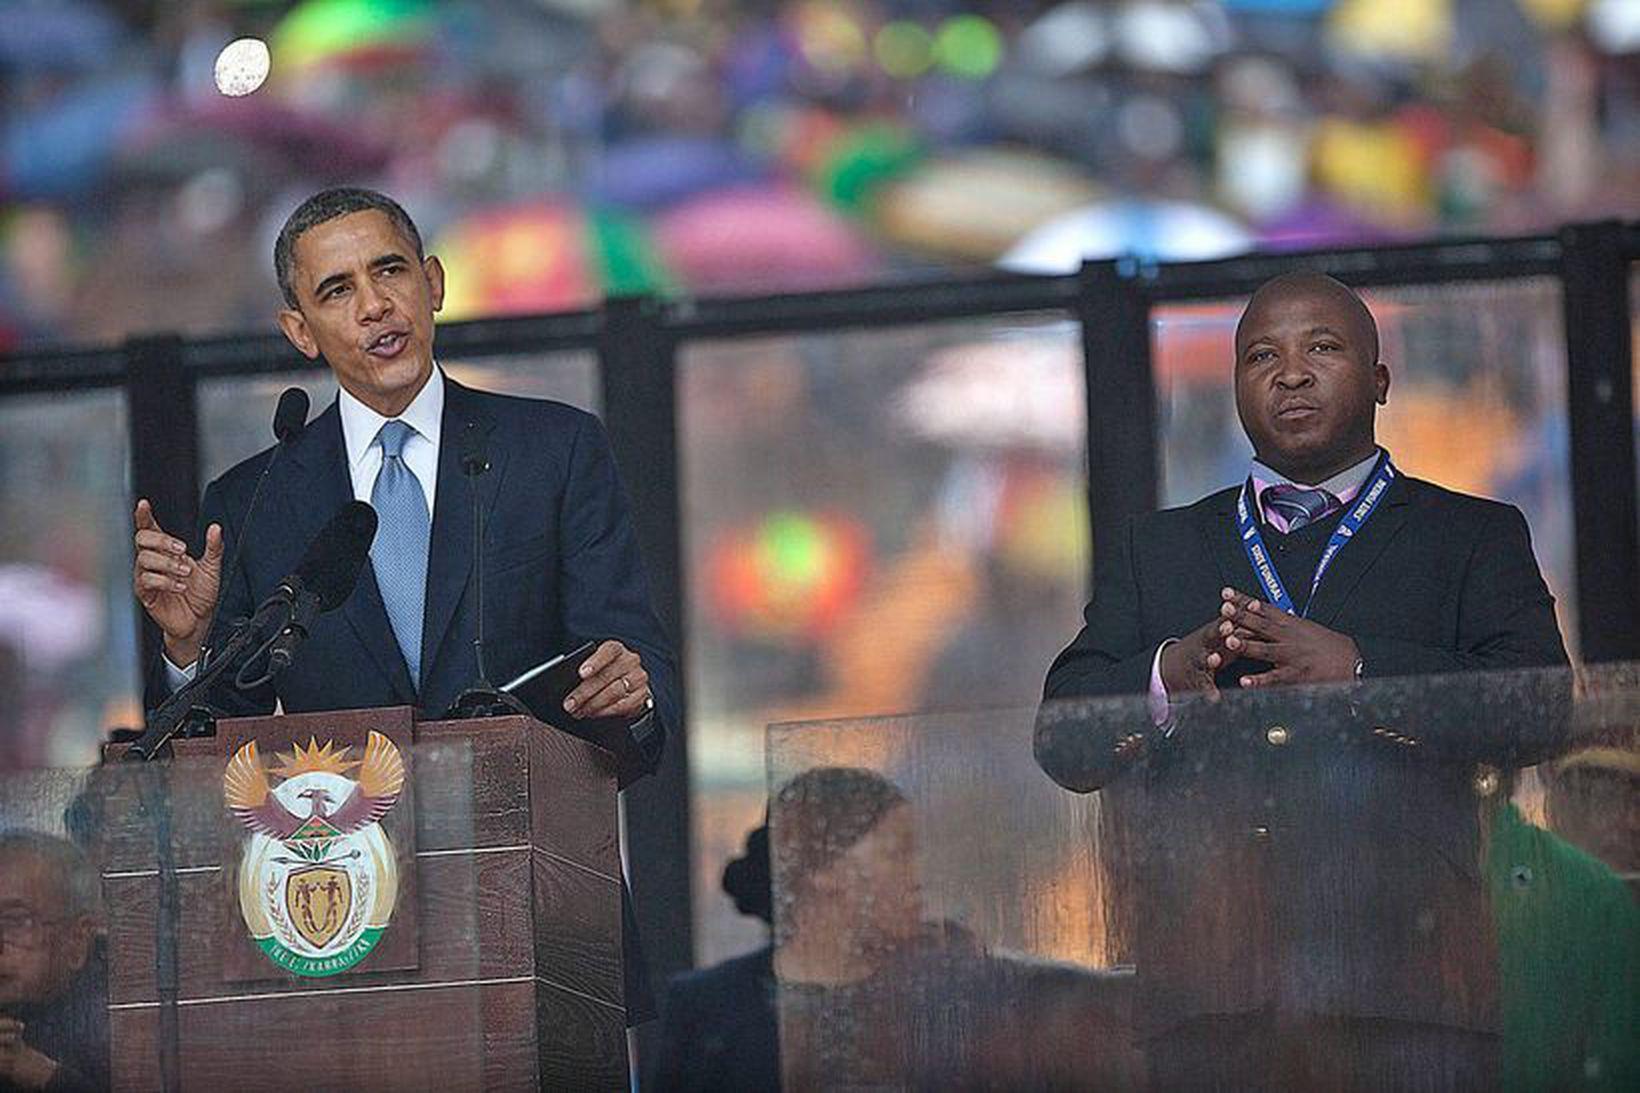 Milljónir manna fylgdust með Barrack Obama, forseta Bandaríkjanna, og Thamsanqa …